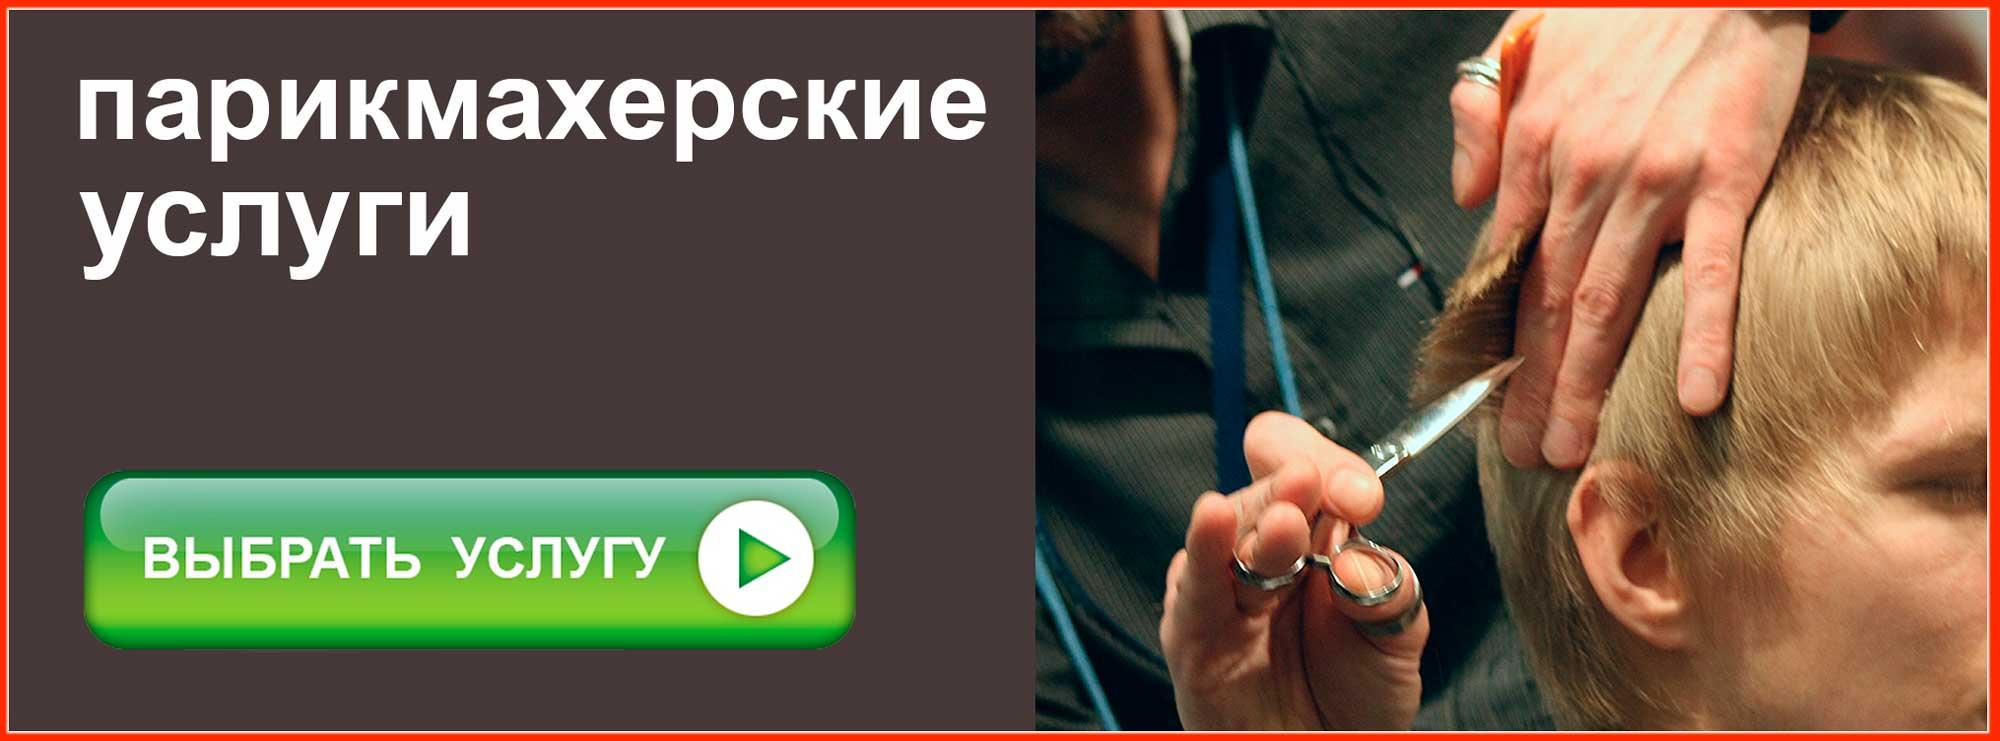 parikmakher_dlya_muzhchin